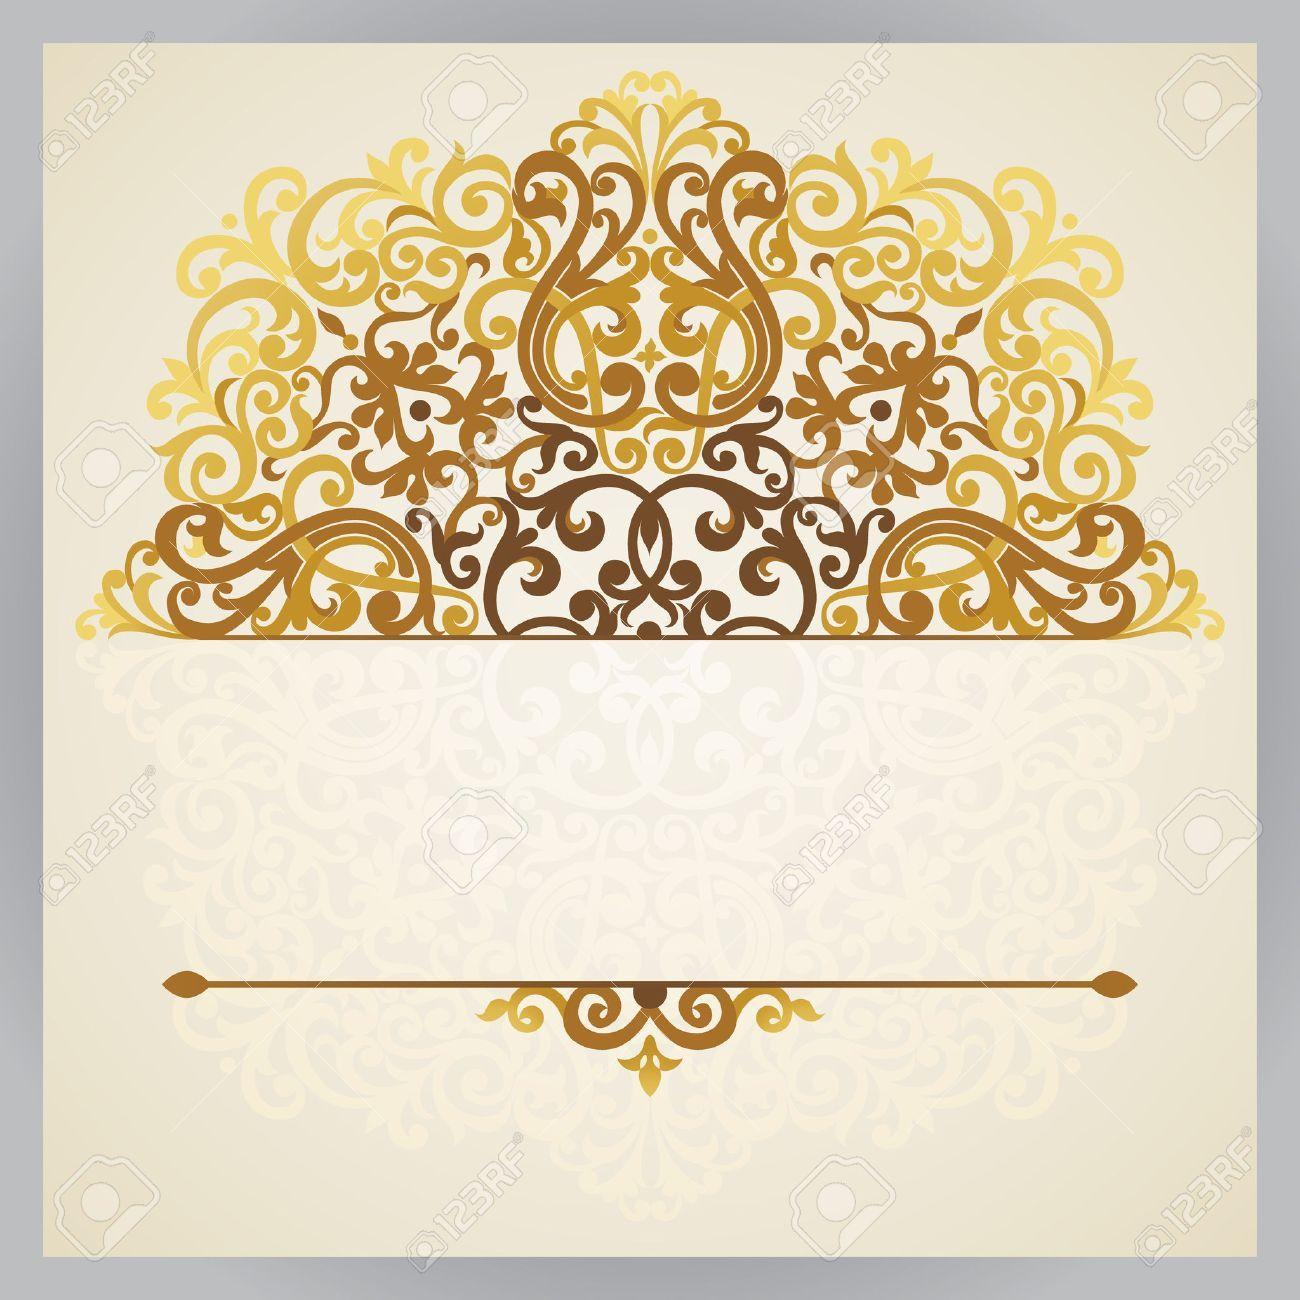 carte d invitation mariage orientale carte d invitation mariage orientale